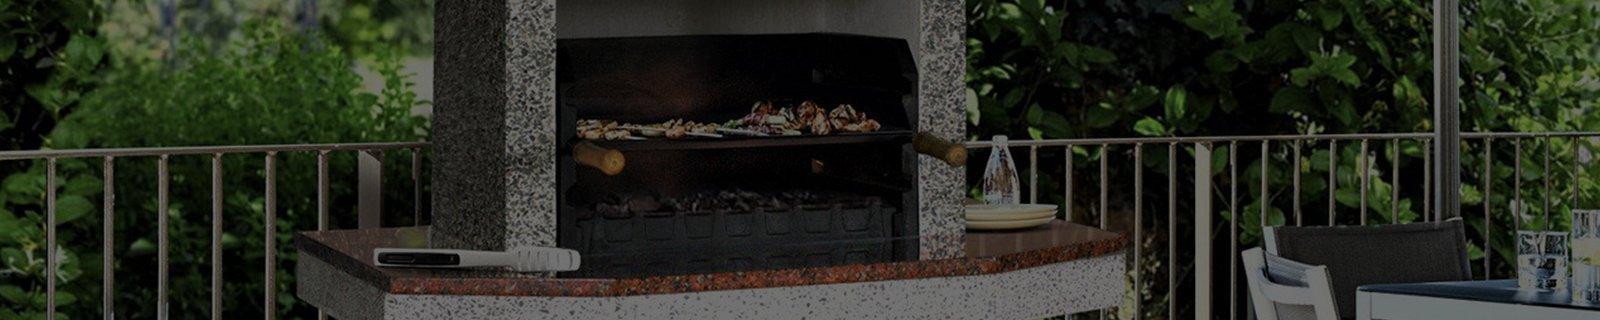 Грили - барбекю купить в Киеве. Установка, монтаж. Заказать. Цены, фото, сайт - Kaminoff